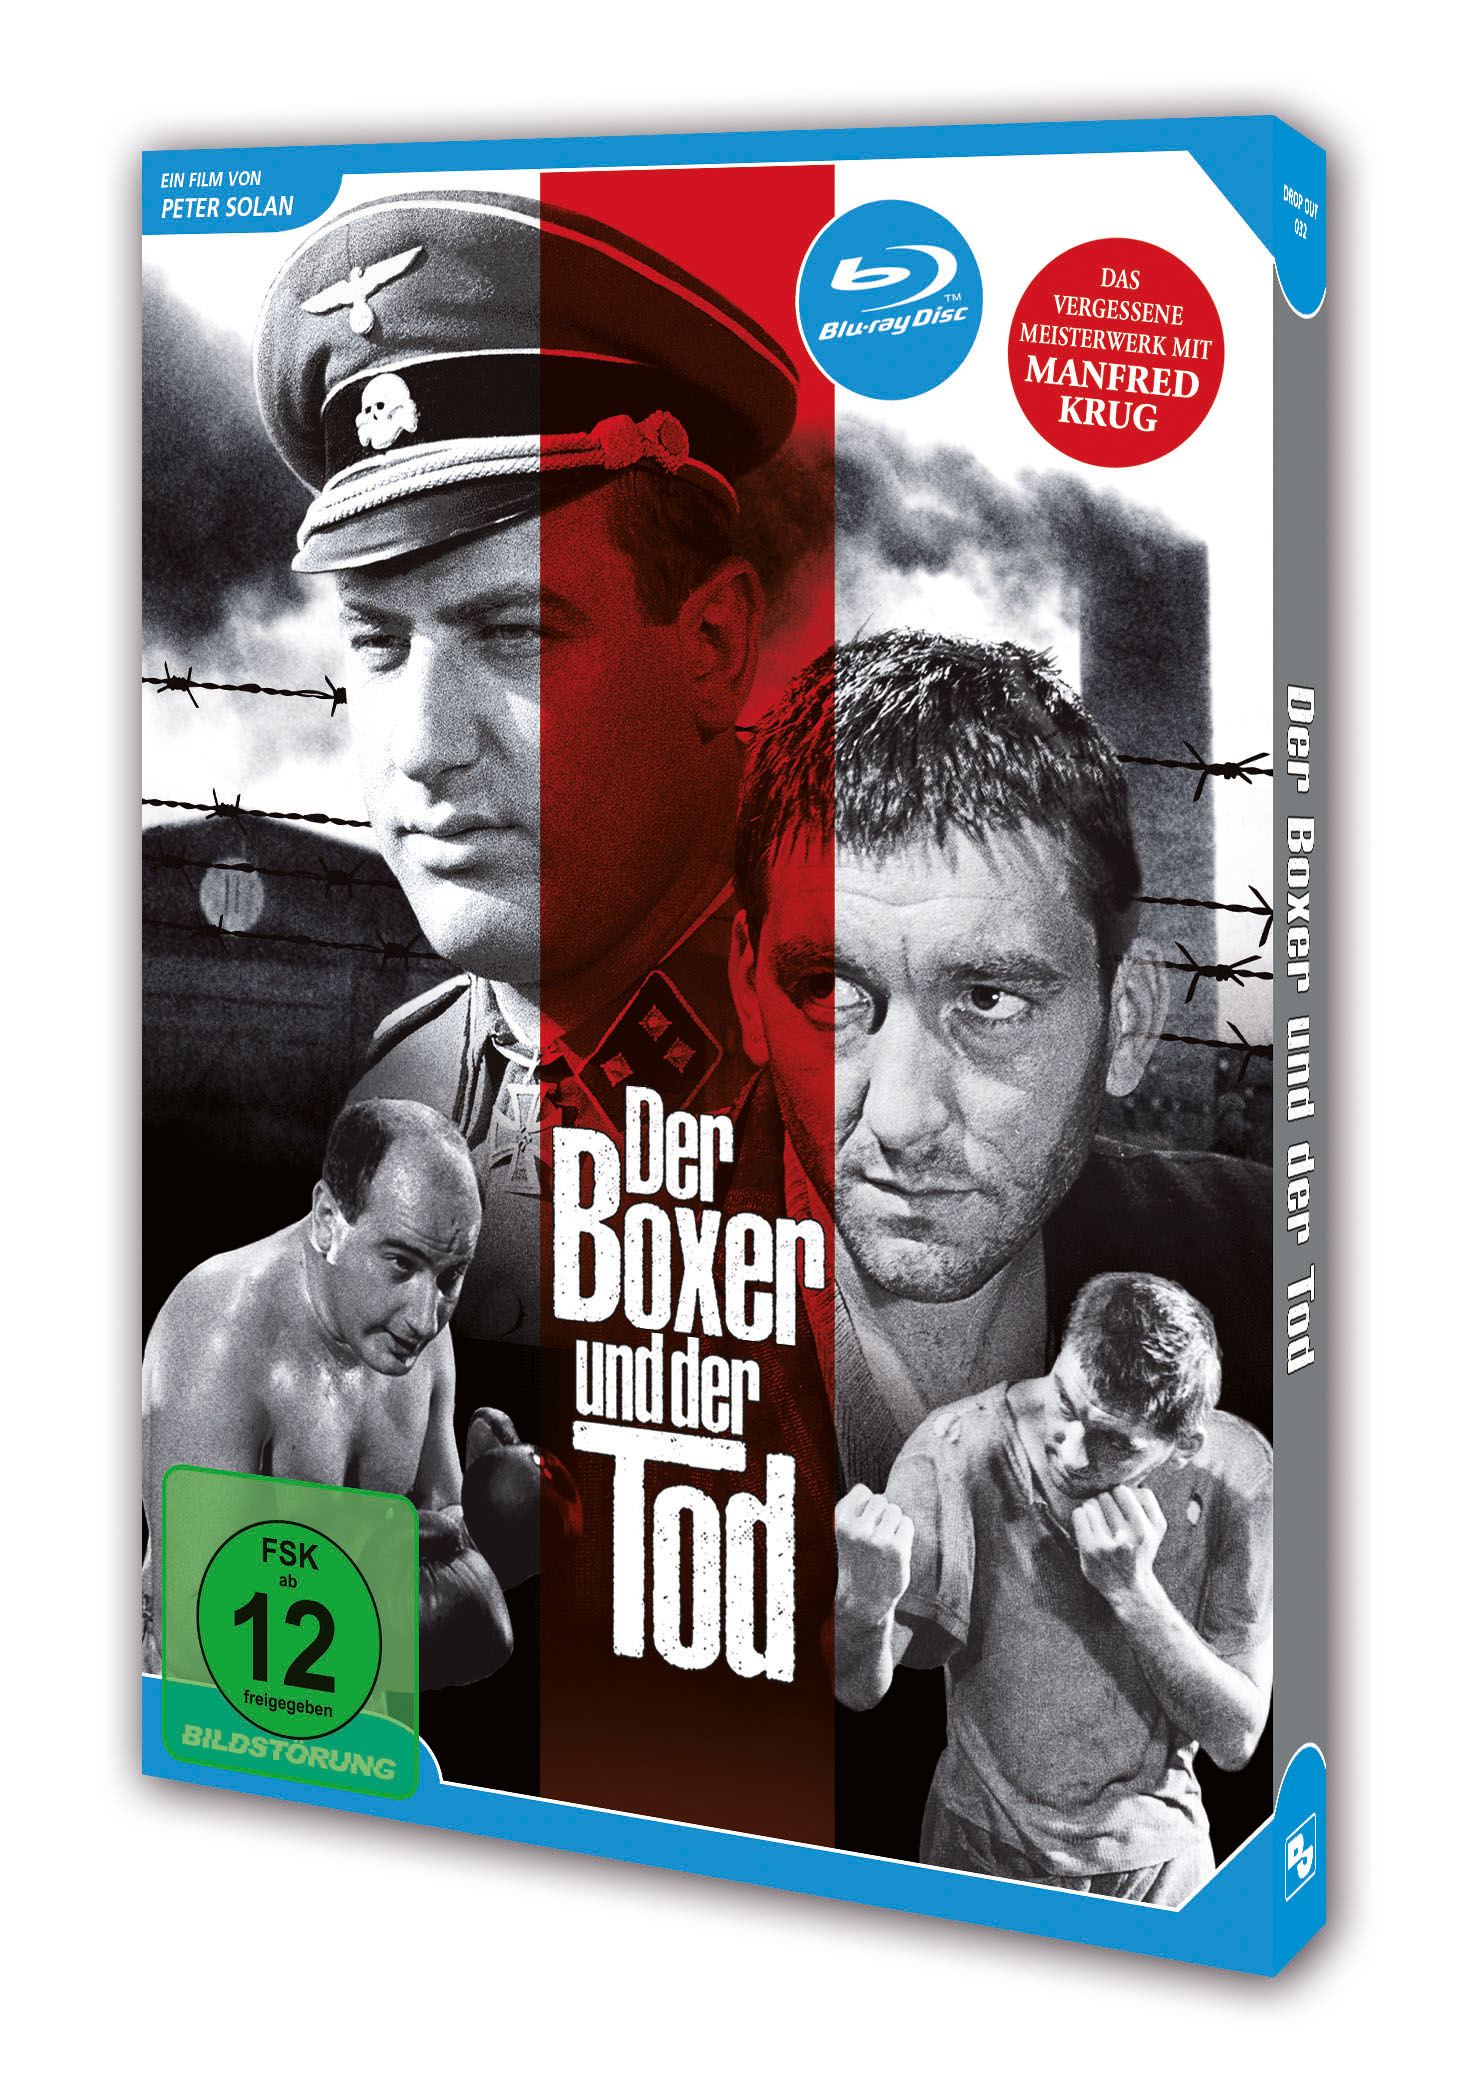 Blu-ray DER BOXER UND DER TOD 3D